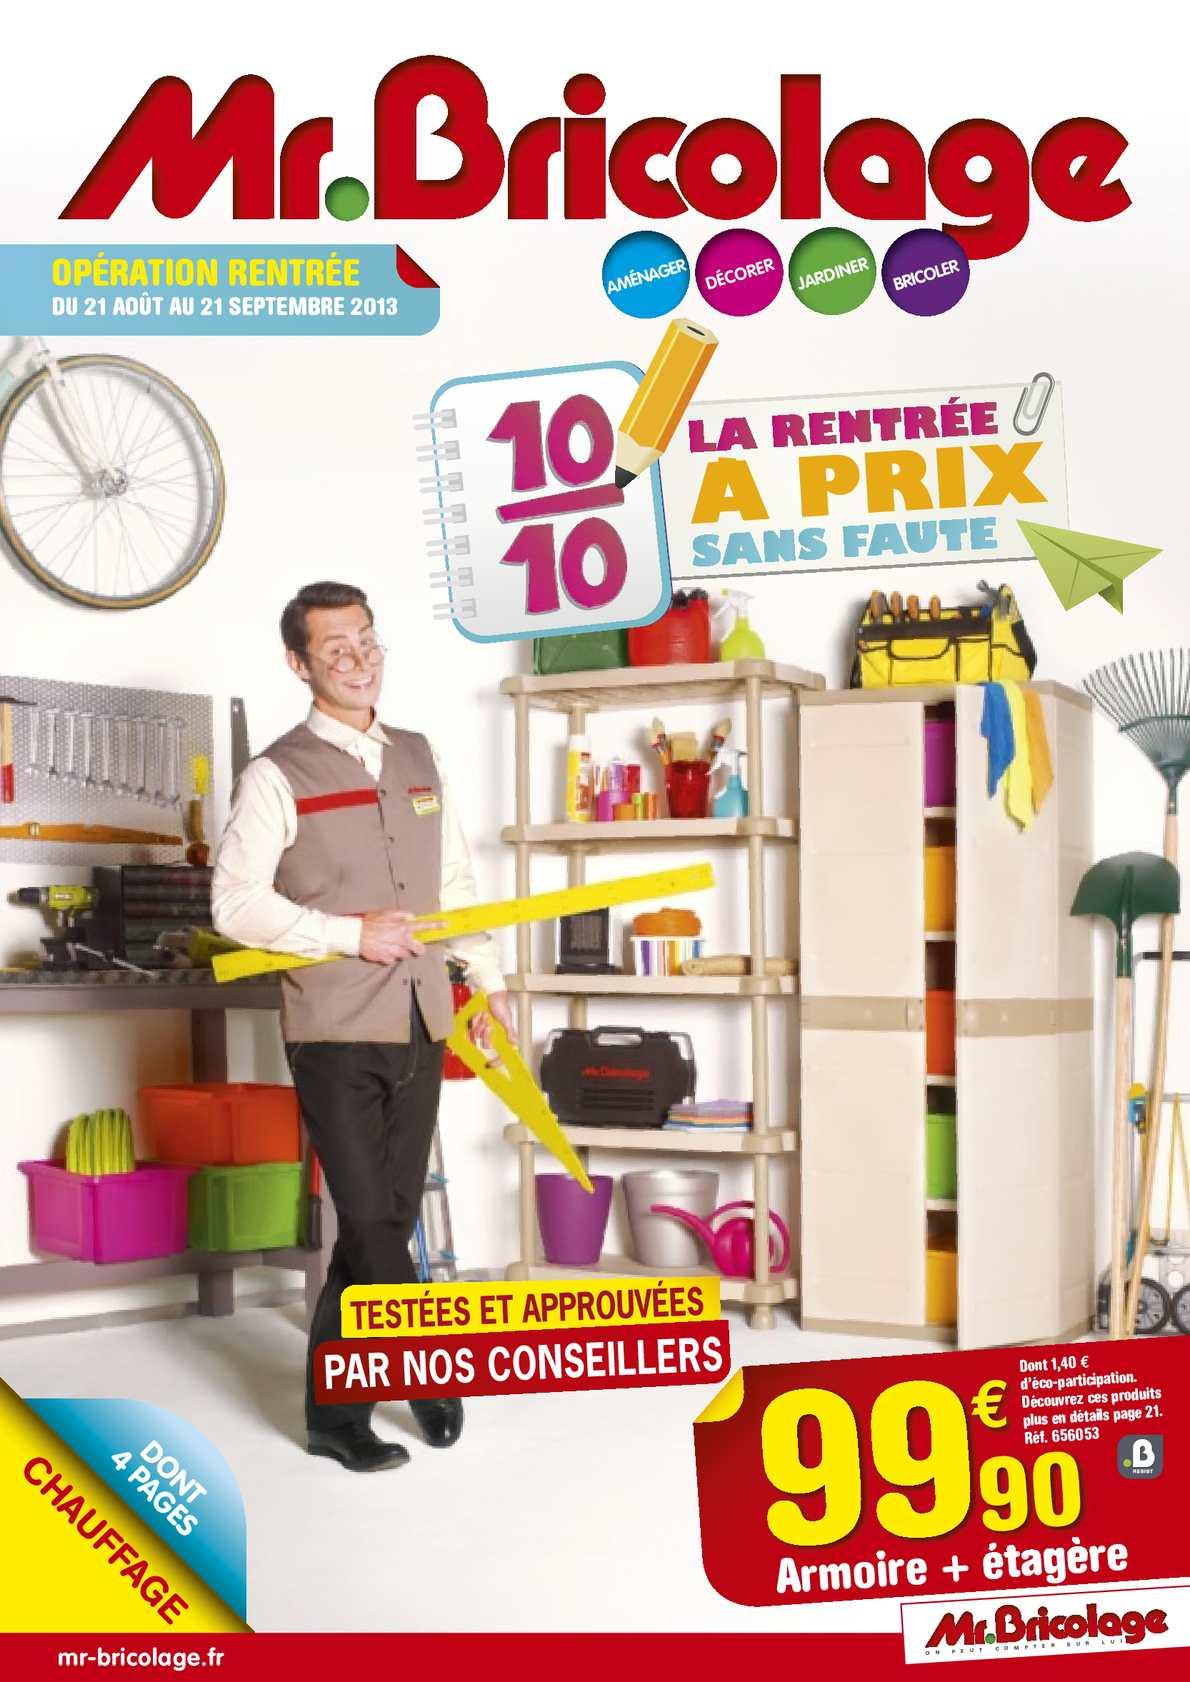 Calaméo Mrbricolage Catalogue Rentrée 24 Pages